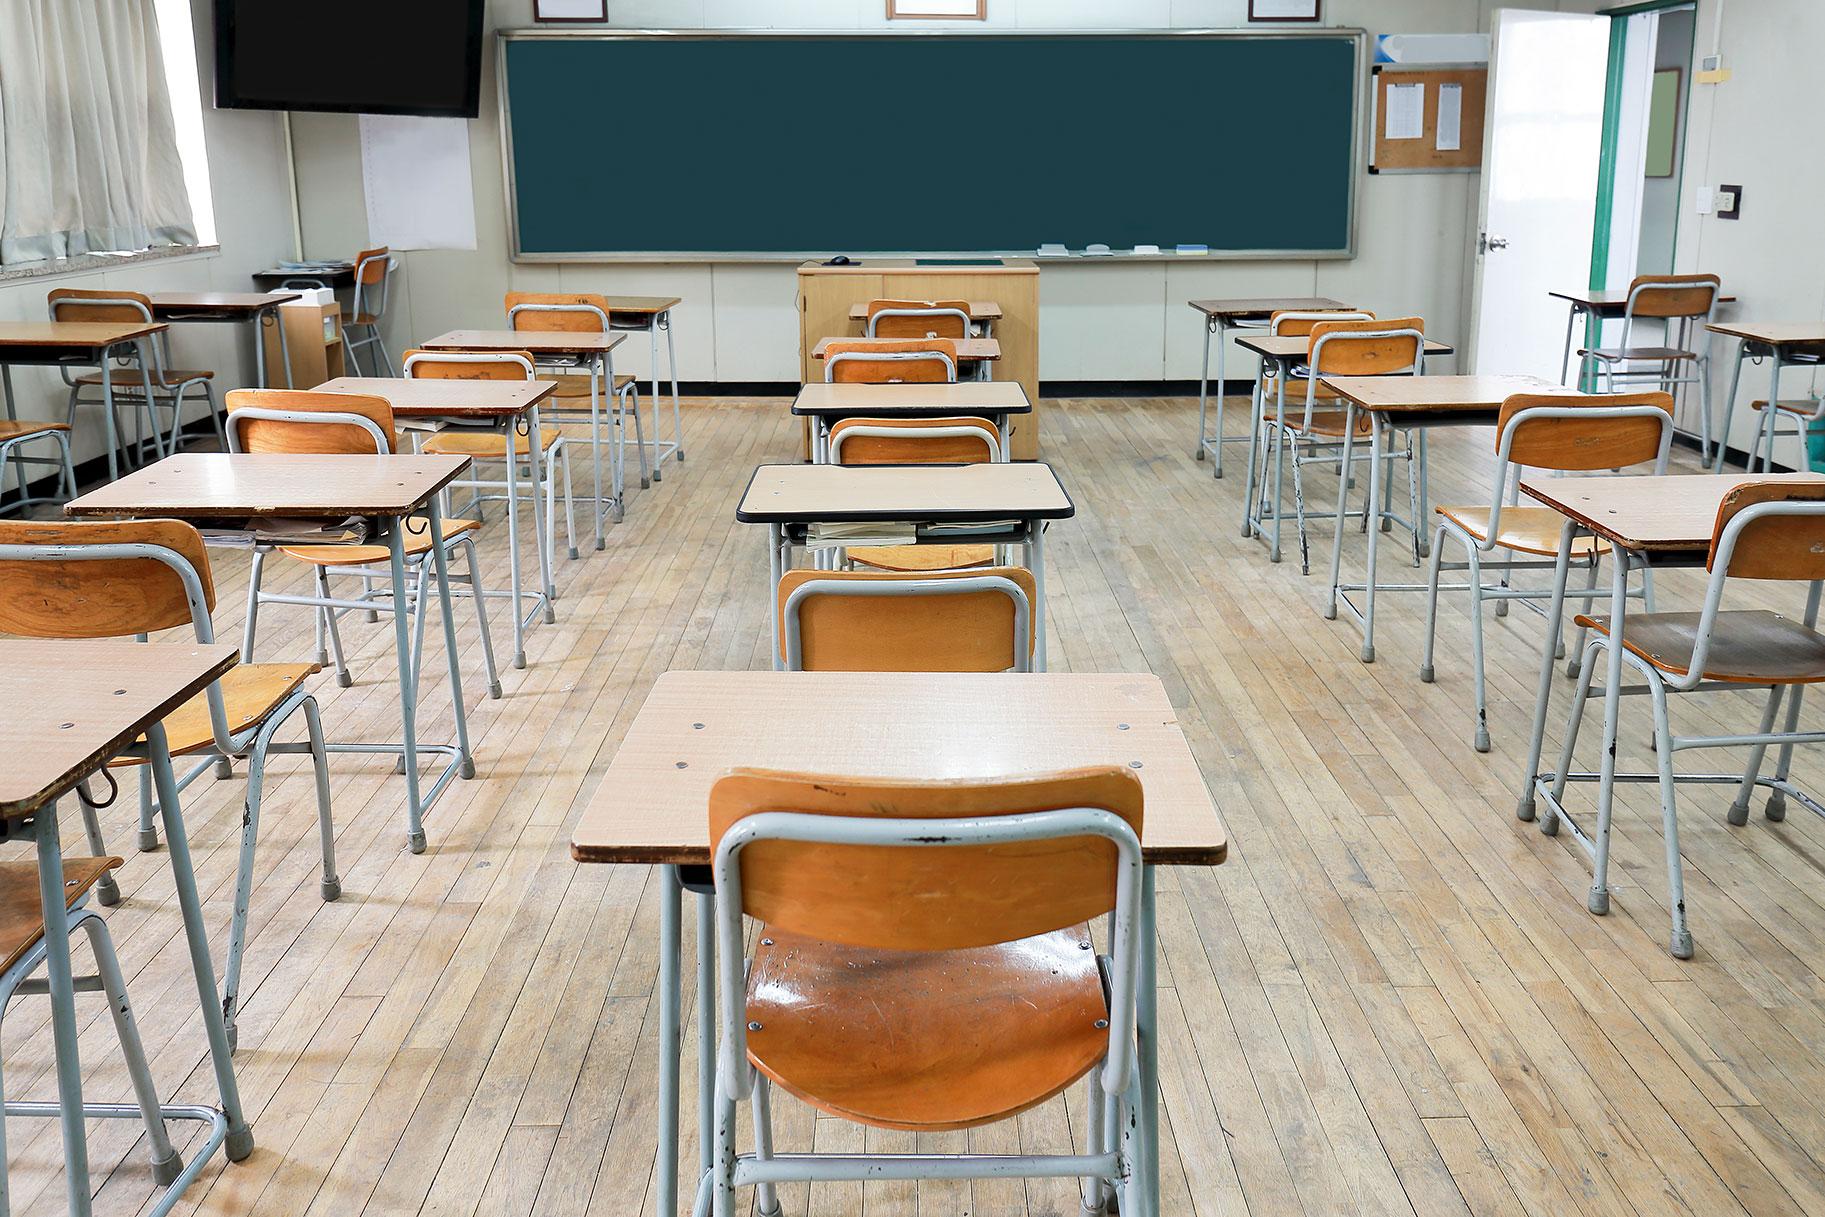 Maestra suplente no enfrentará cargos por supuestamente hacer porno en el aula